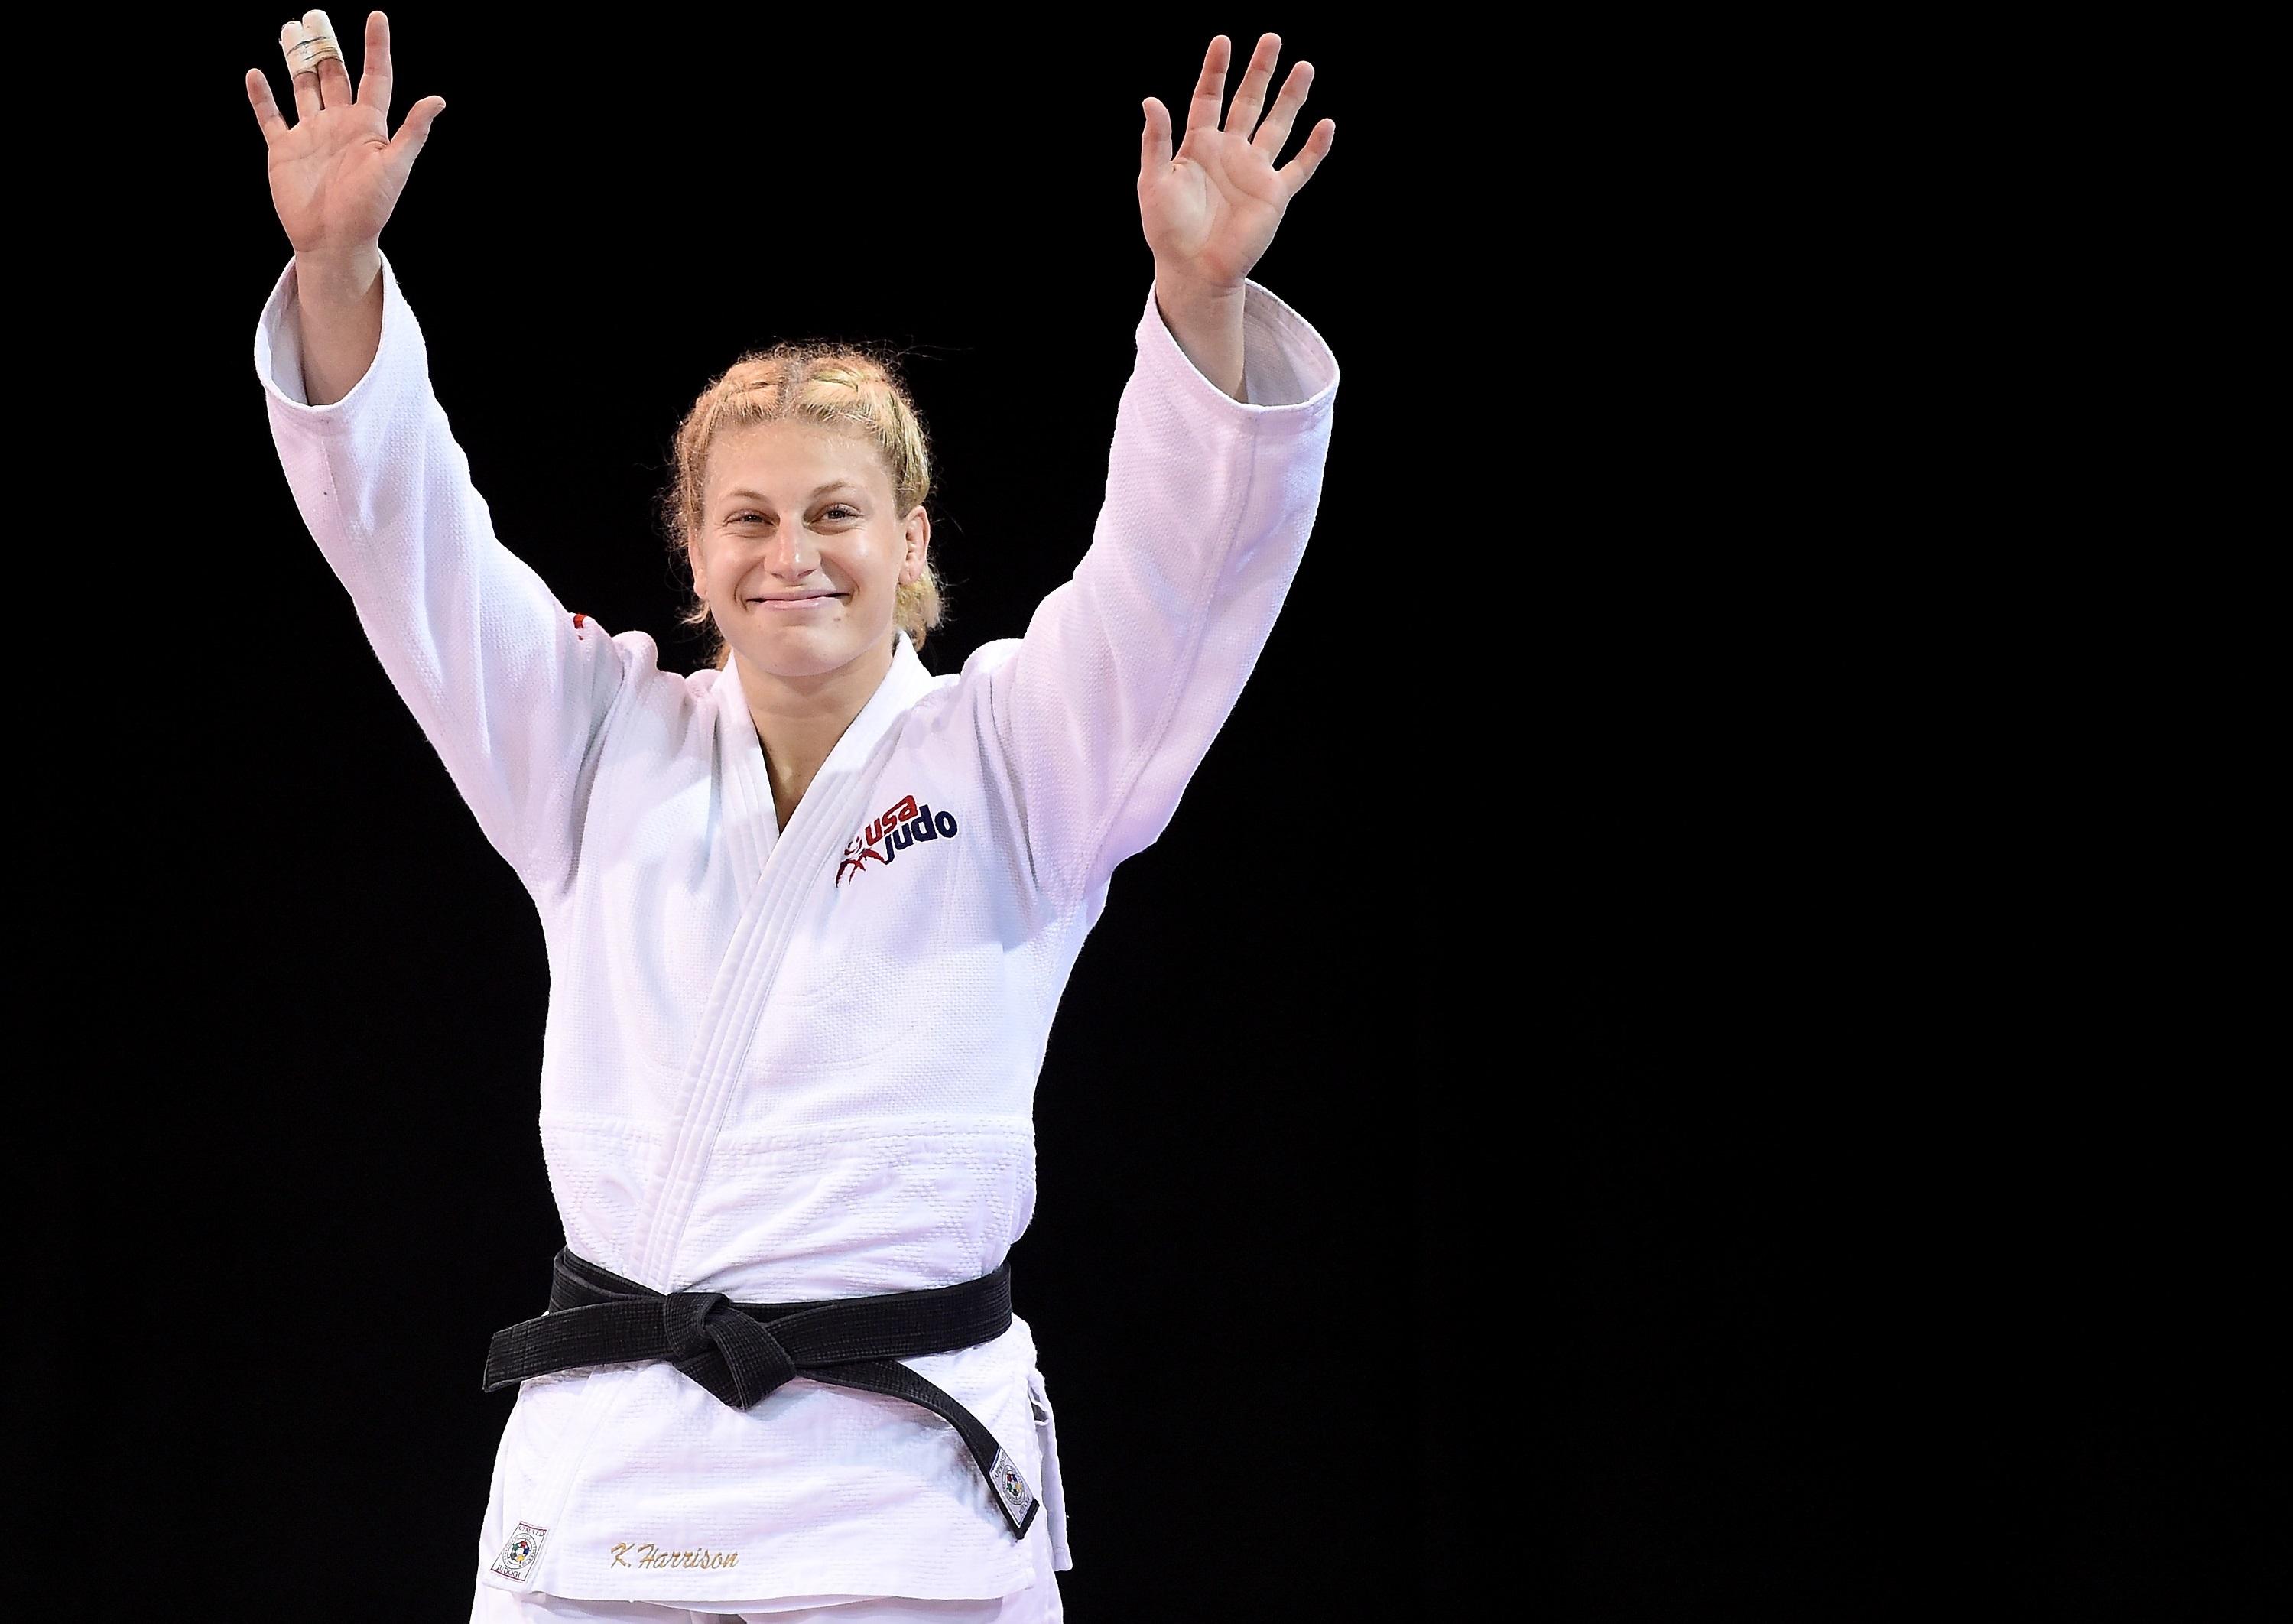 """Dona do primeiro ouro olímpico dos EUA no Judô, Kayla Harrison diz que está """"um pouco cansada"""", mas muito preparada para os Jogos Olímpicos"""